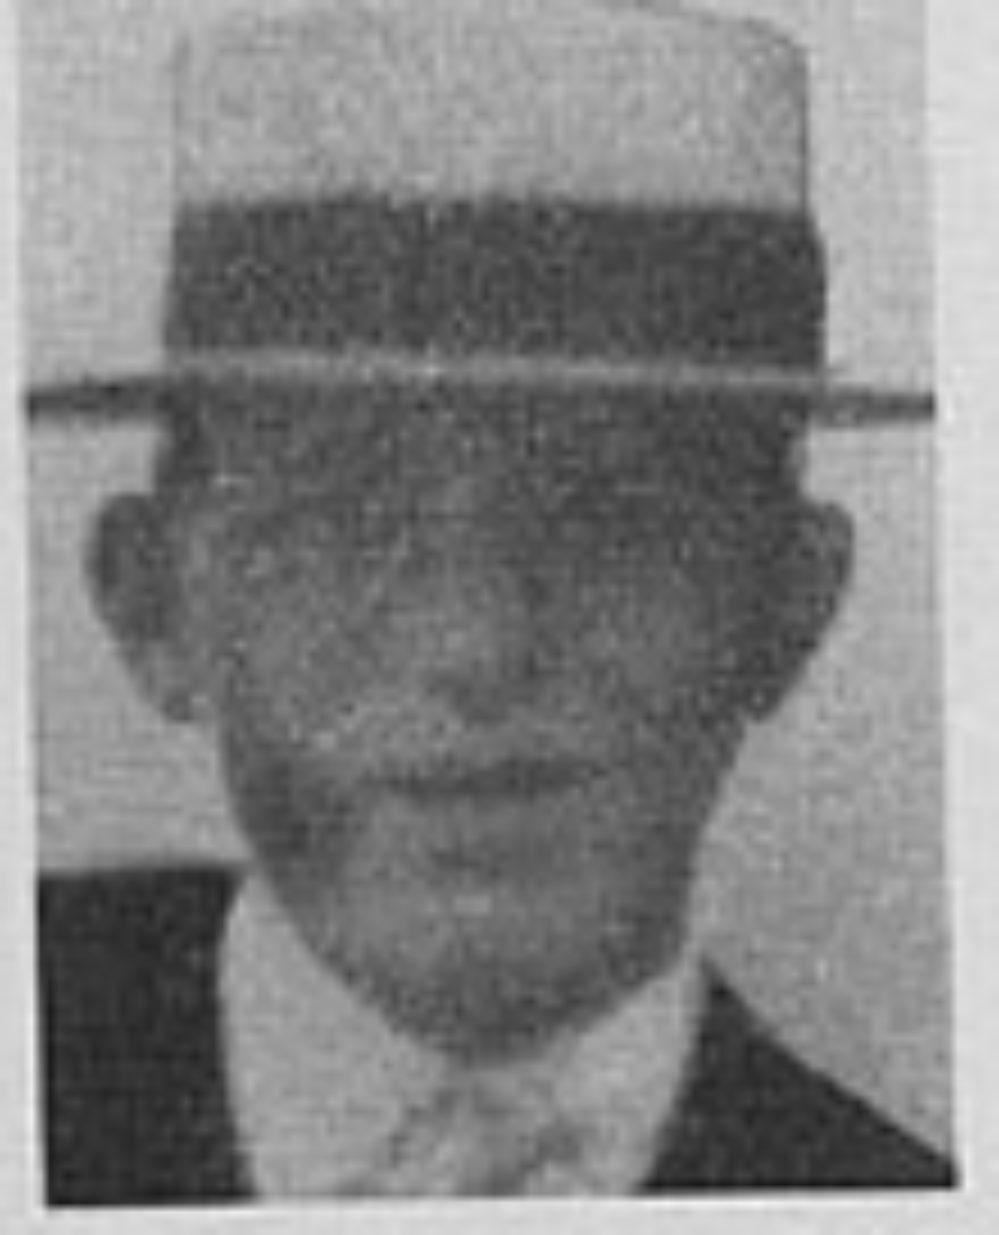 Charley Emanuel Jonassen